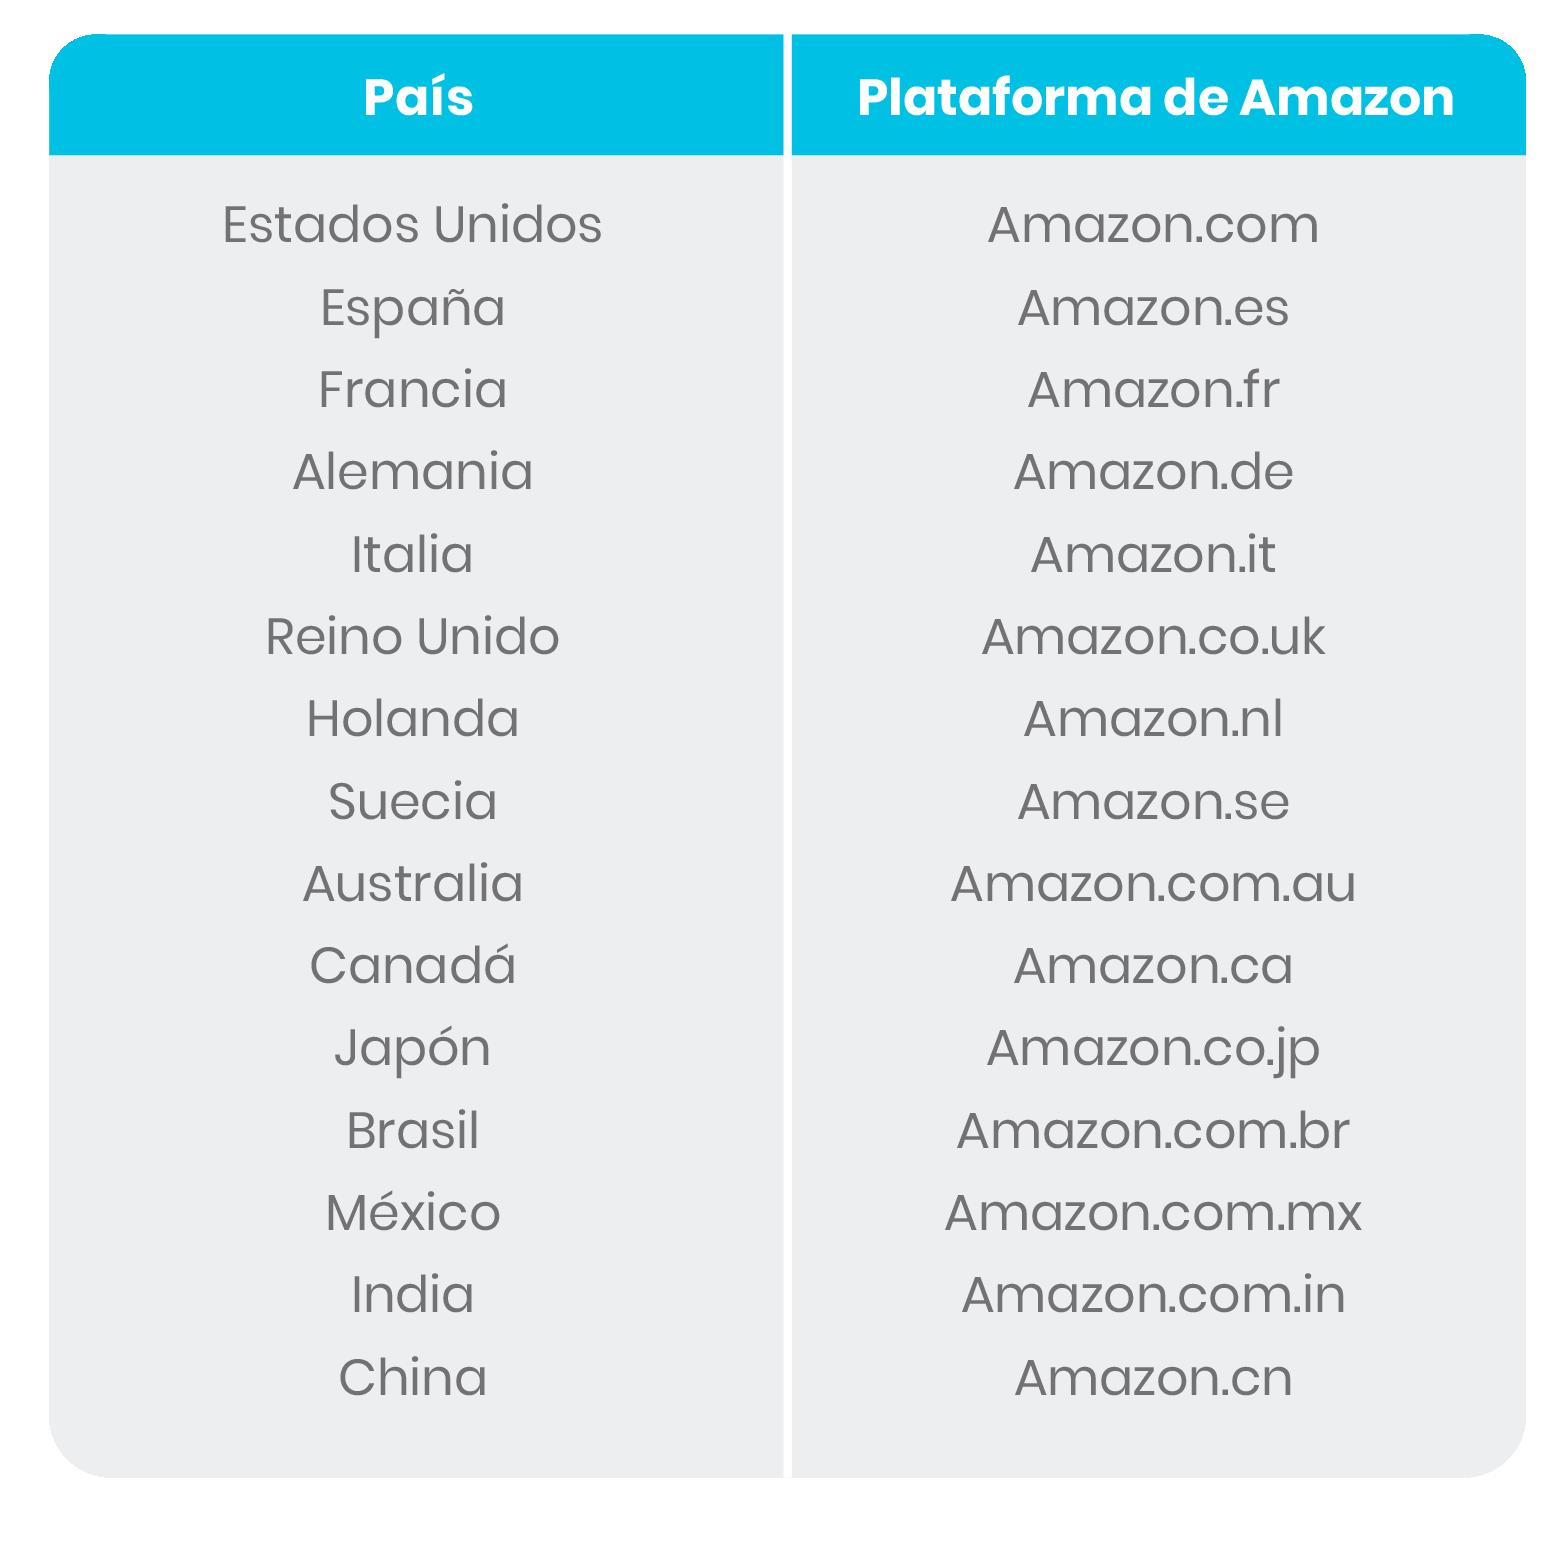 Plataformas de Amazon